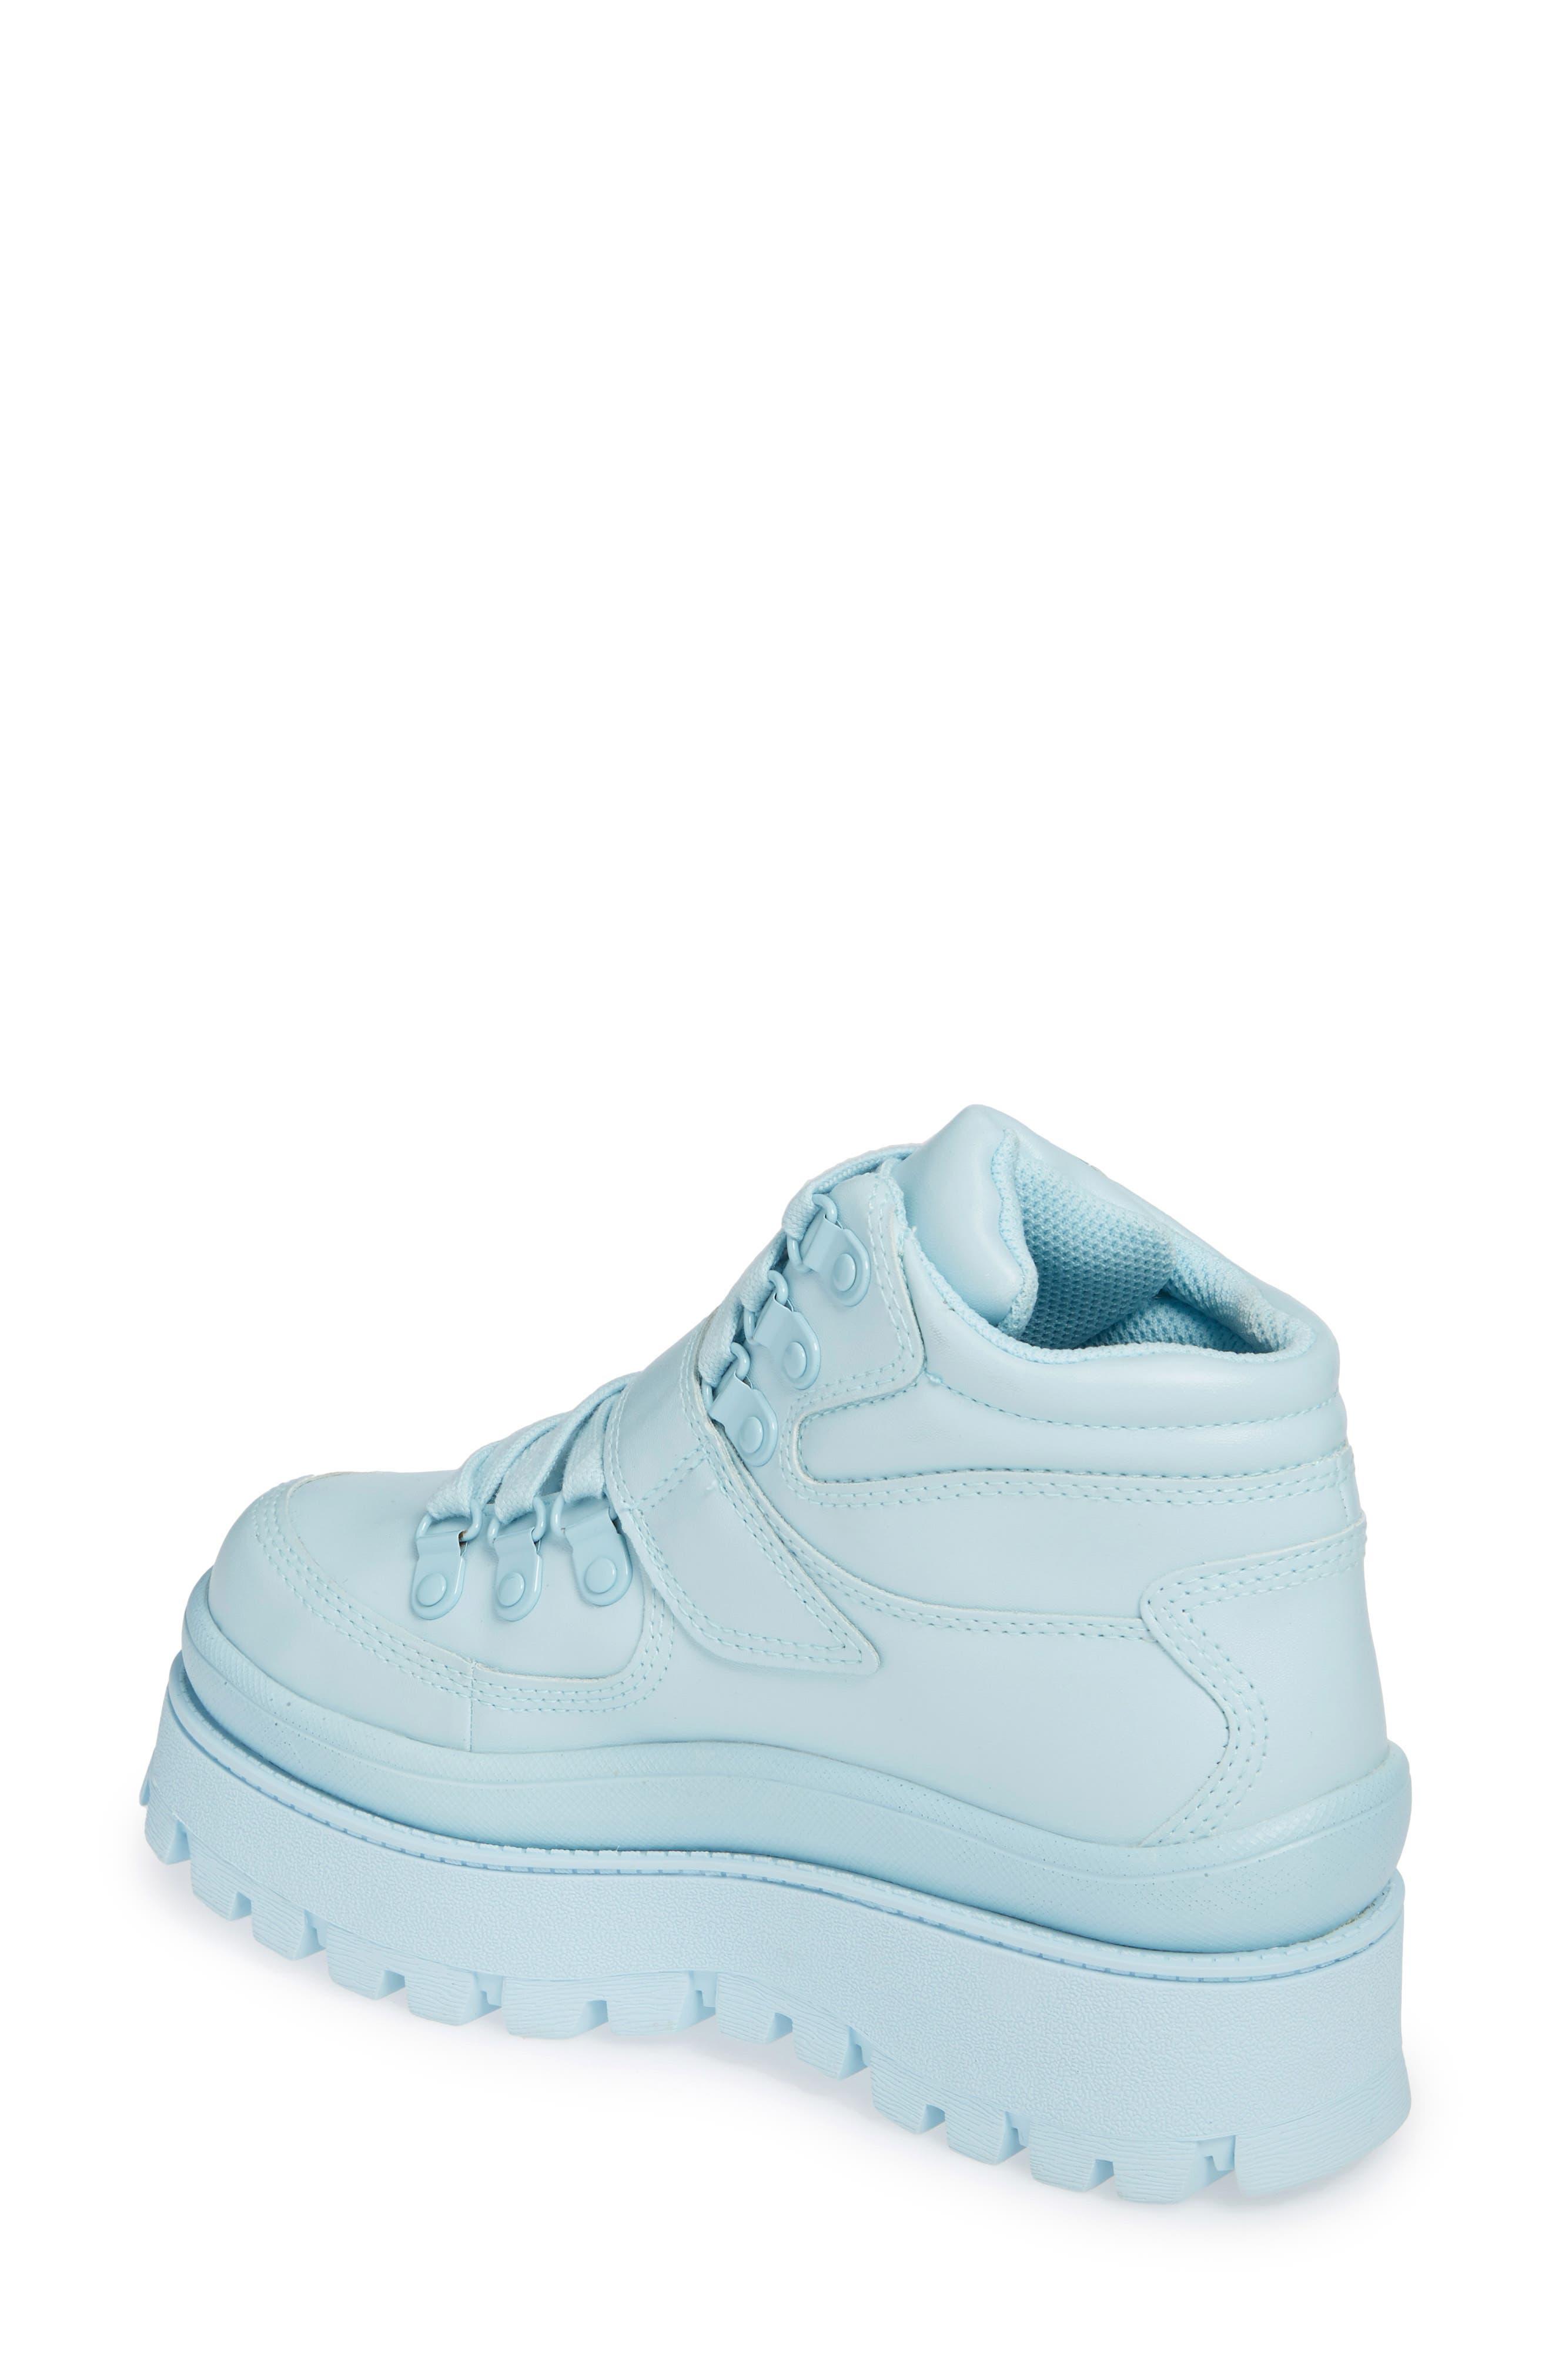 JEFFREY CAMPBELL, Top Peak 2 Platform Sneaker, Alternate thumbnail 2, color, BLUE FAUX LEATHER